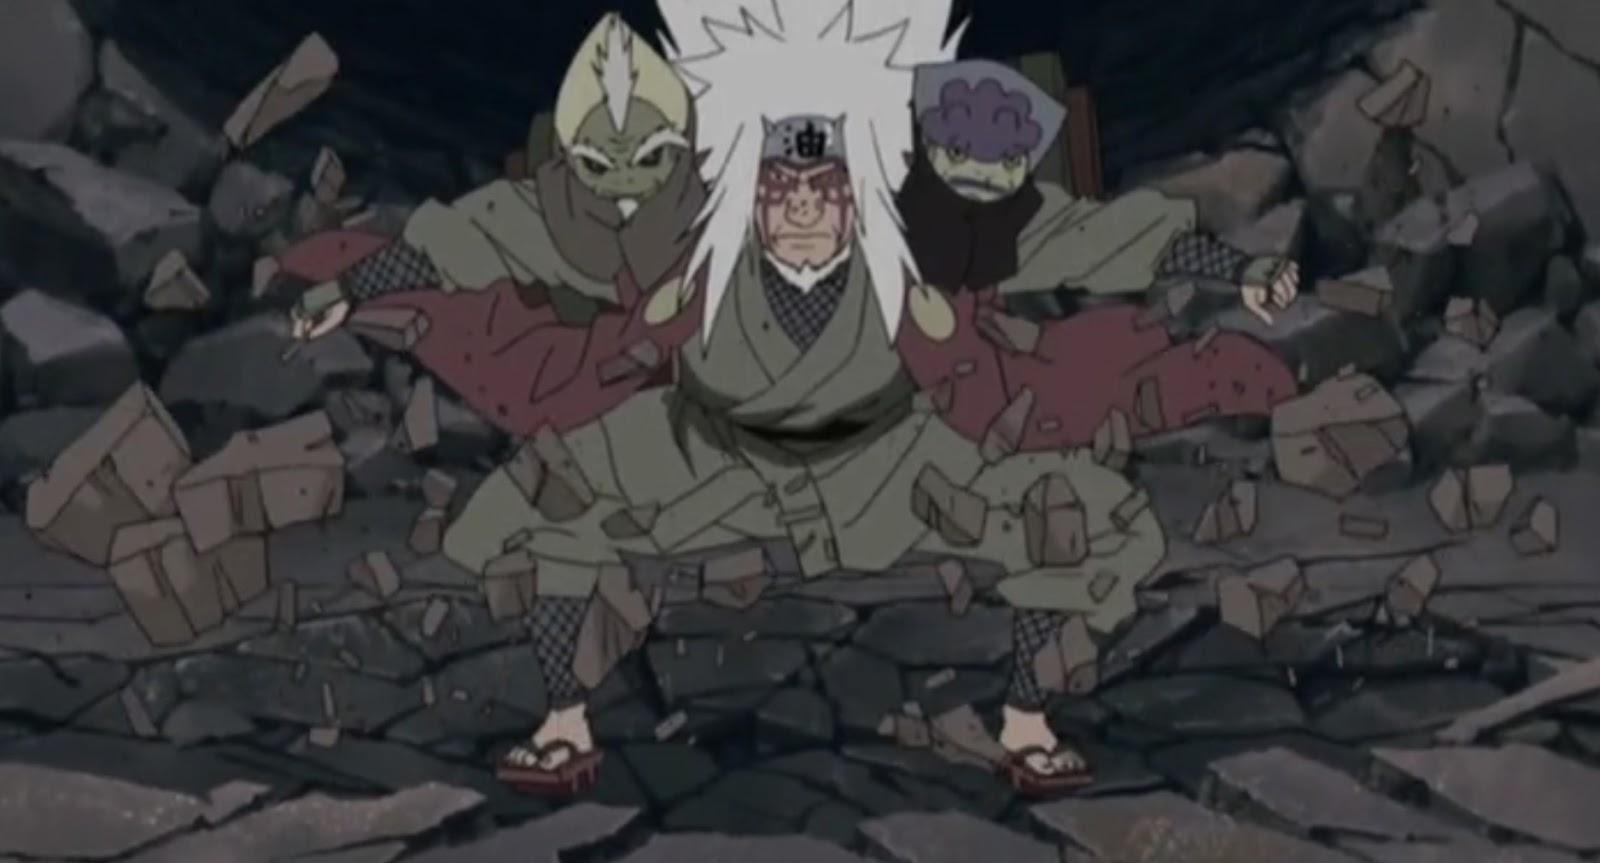 Naruto Shippuden Episódio 131, Naruto Shippuden Episódio 131, Assistir Naruto Shippuden Todos os Episódios Legendado, Naruto Shippuden episódio 131,HD